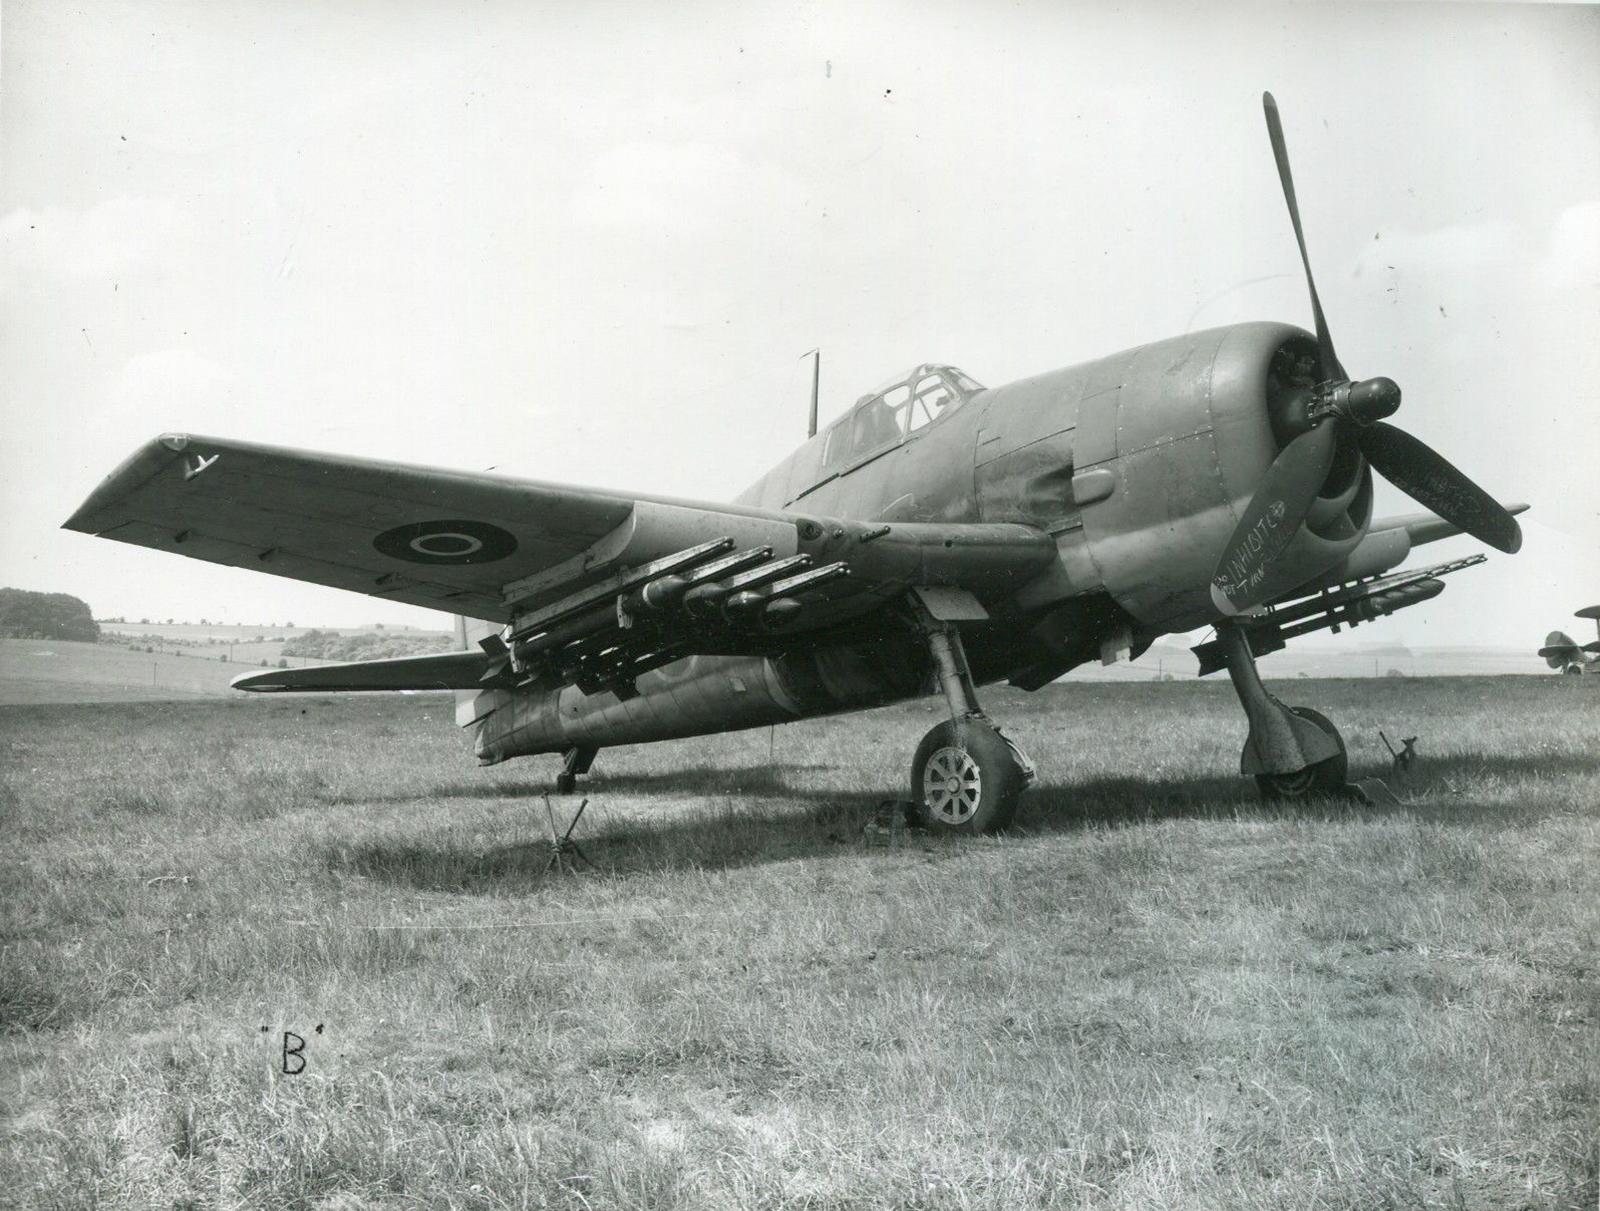 Grumman F6F 3 Hellcat Aircraft Armament Experimental Establishment Boscombe Down England 01